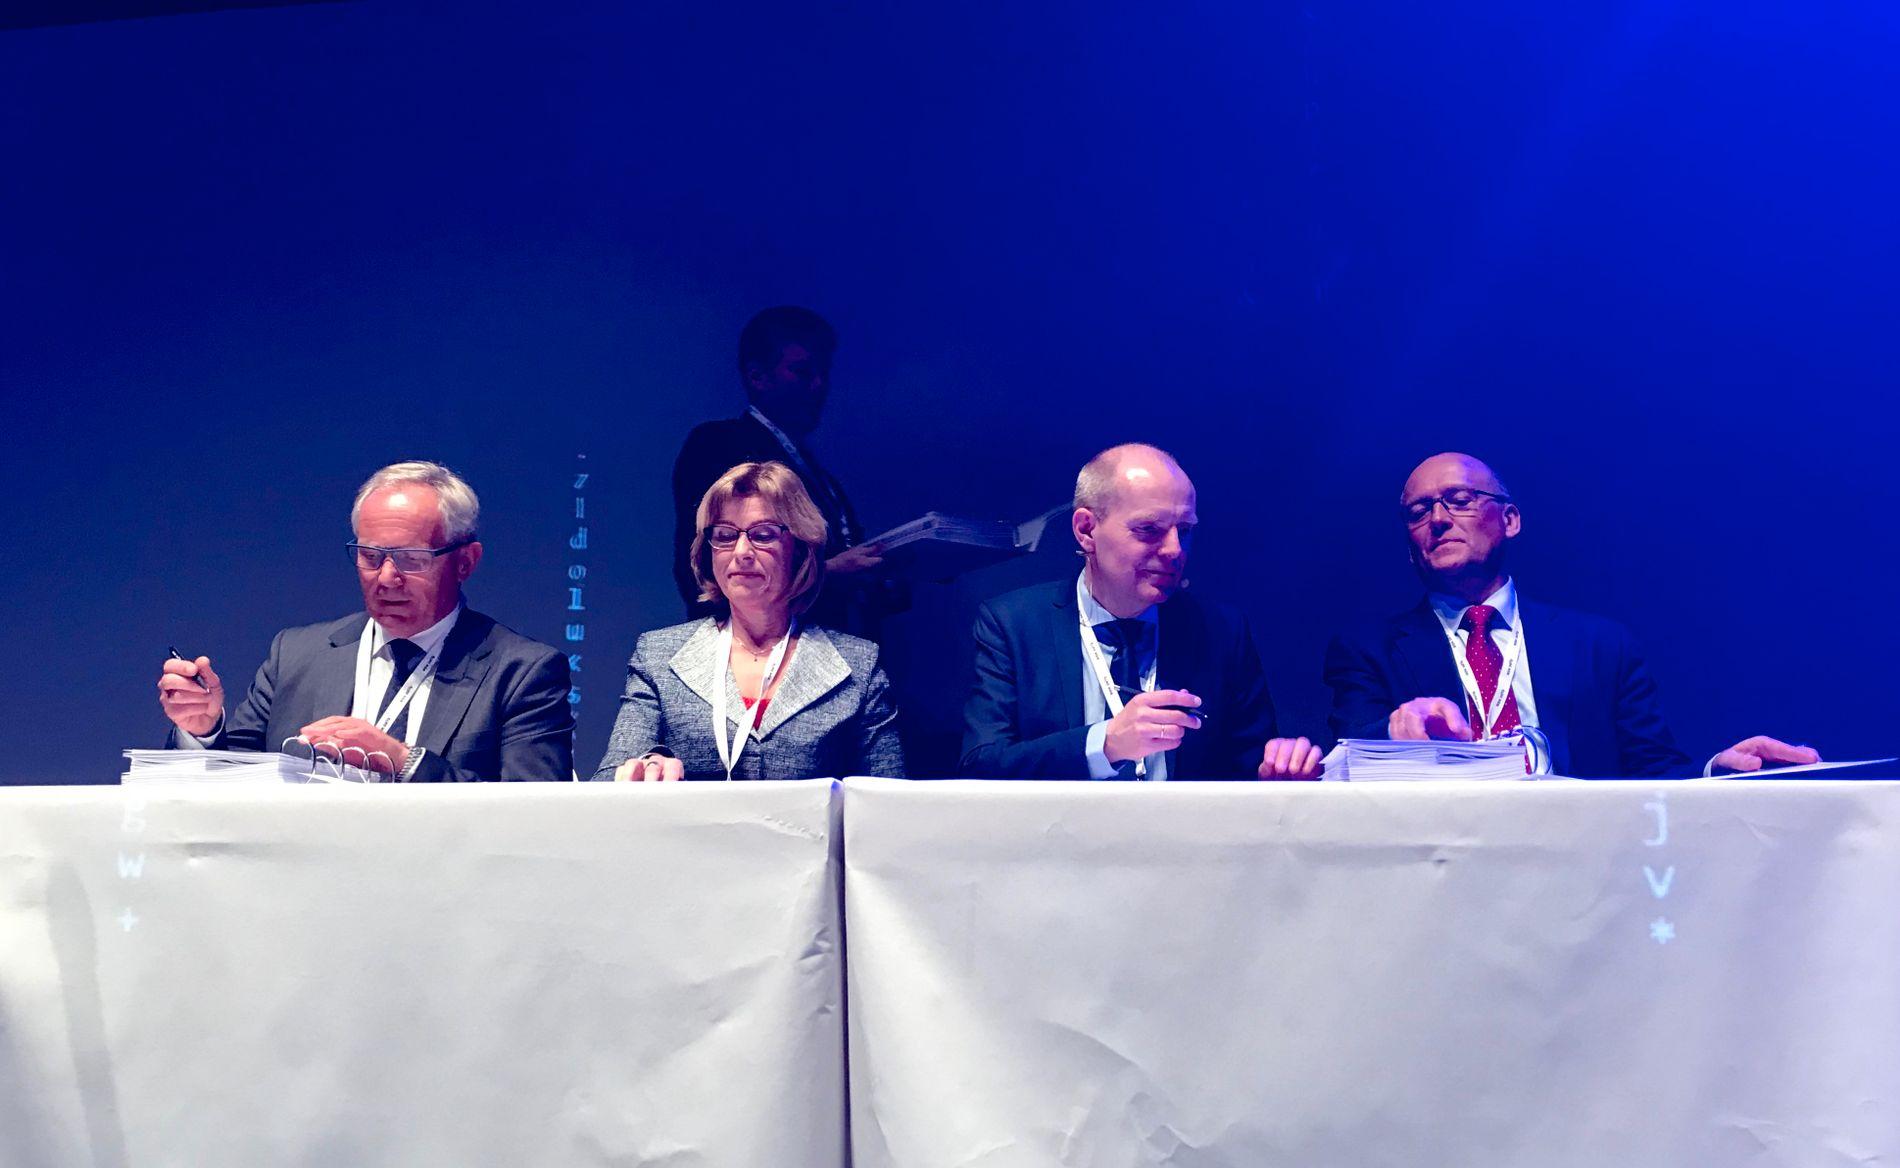 SIGNERER: Fra v. Sverre Kjenne, konserndirektør digitalisering i Bane Nor, Anne Marit Panengstuen, konsernsjef i Siemens, Gorm Frimannslund, konserndirektør Bane Nor og Kjell Pettersen, økonomidirektør i Siemens, signerer milliardkontrakten.